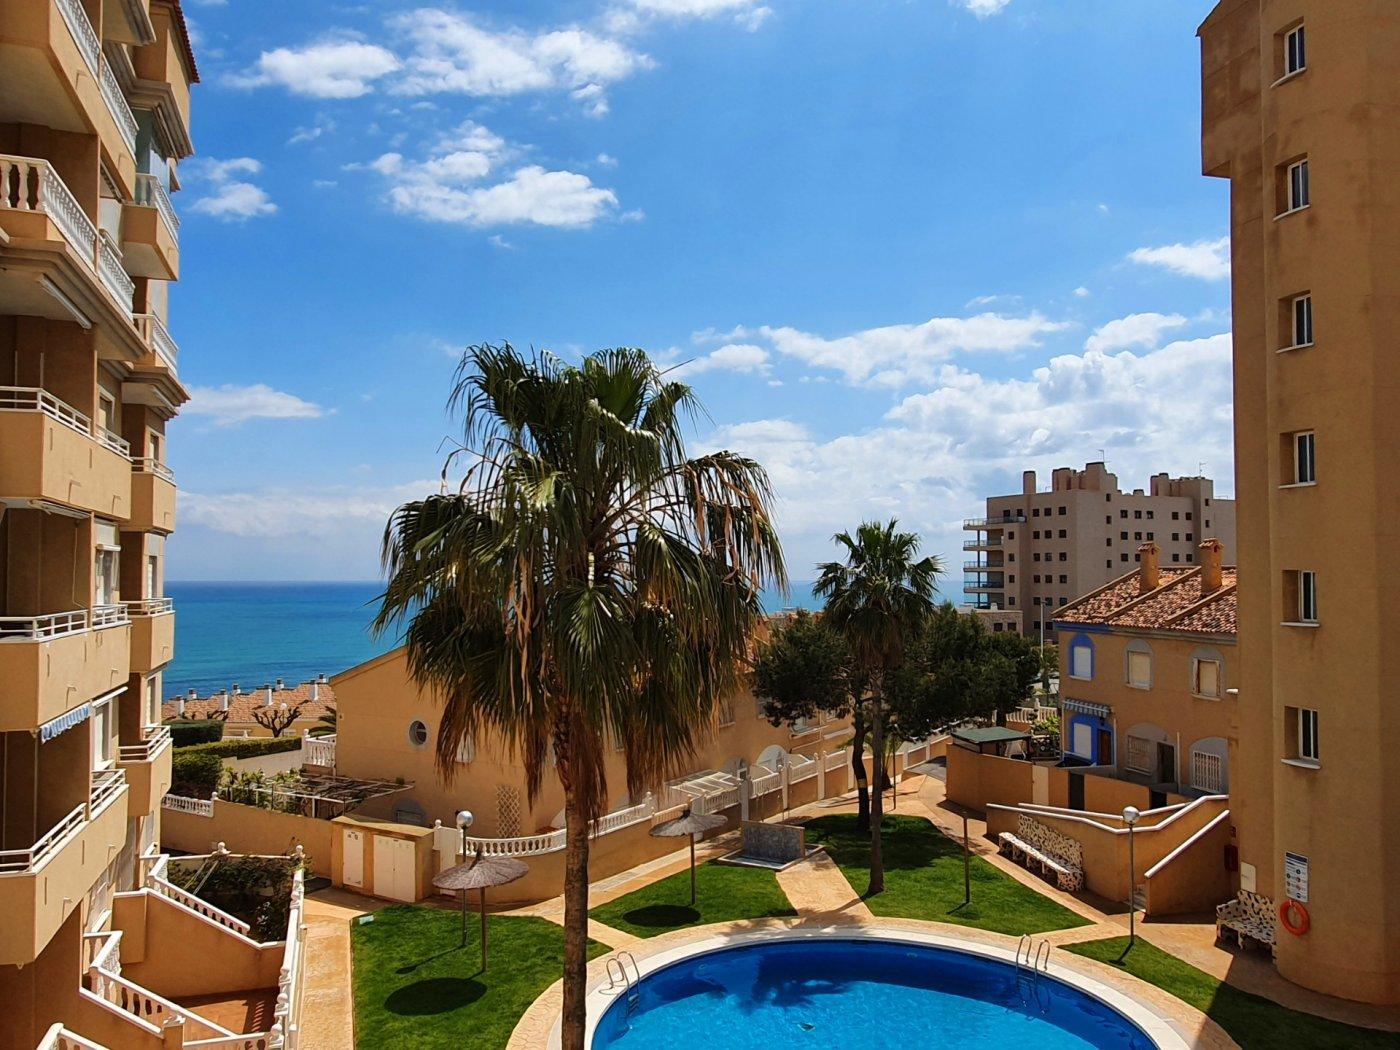 apartamento en arenales-del-sol · avenida-costa-blanca 120000€